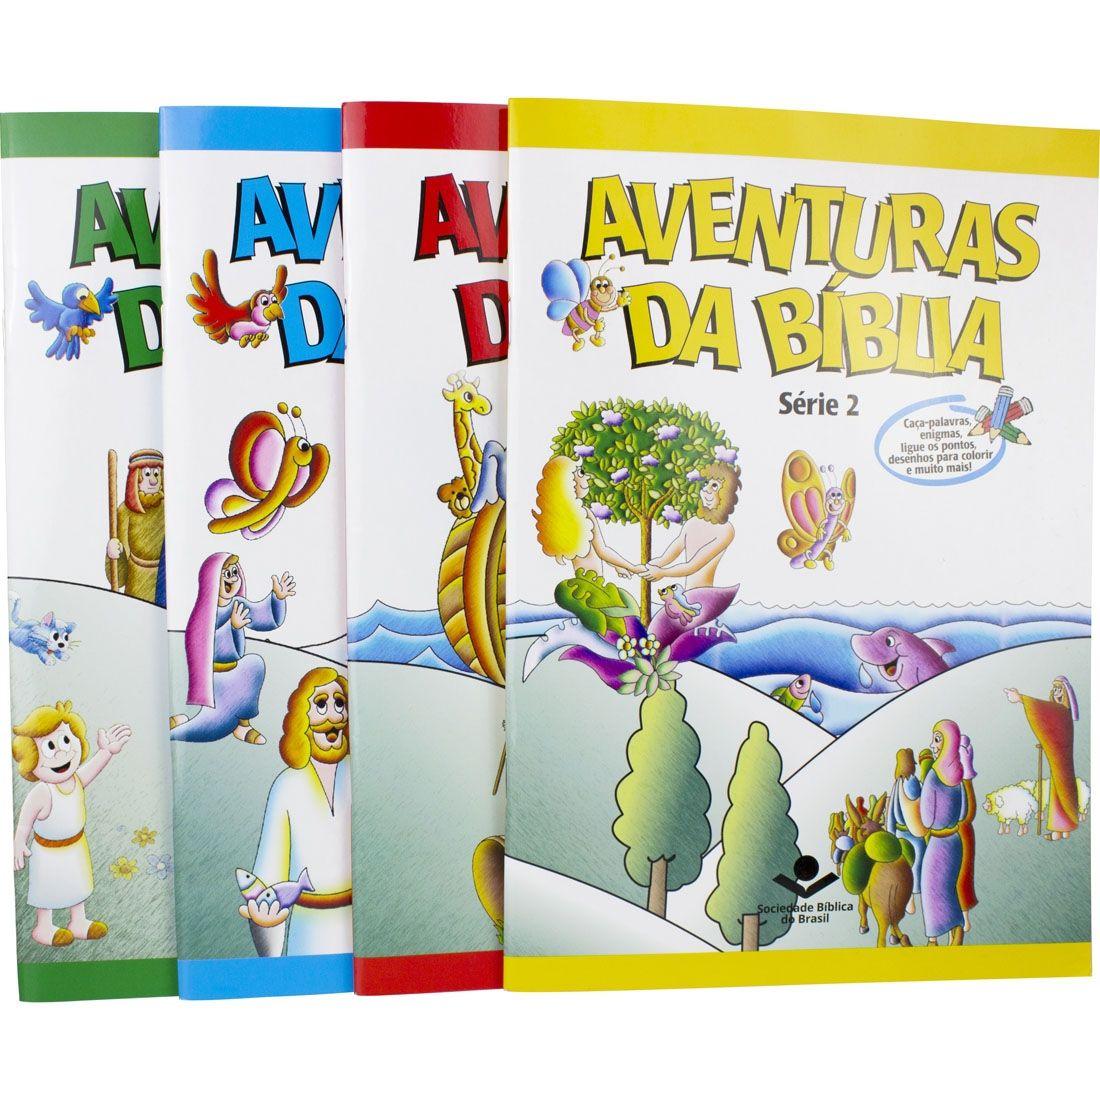 Série 1 - Aventuras da Bíblia  - Universo Bíblico Rs